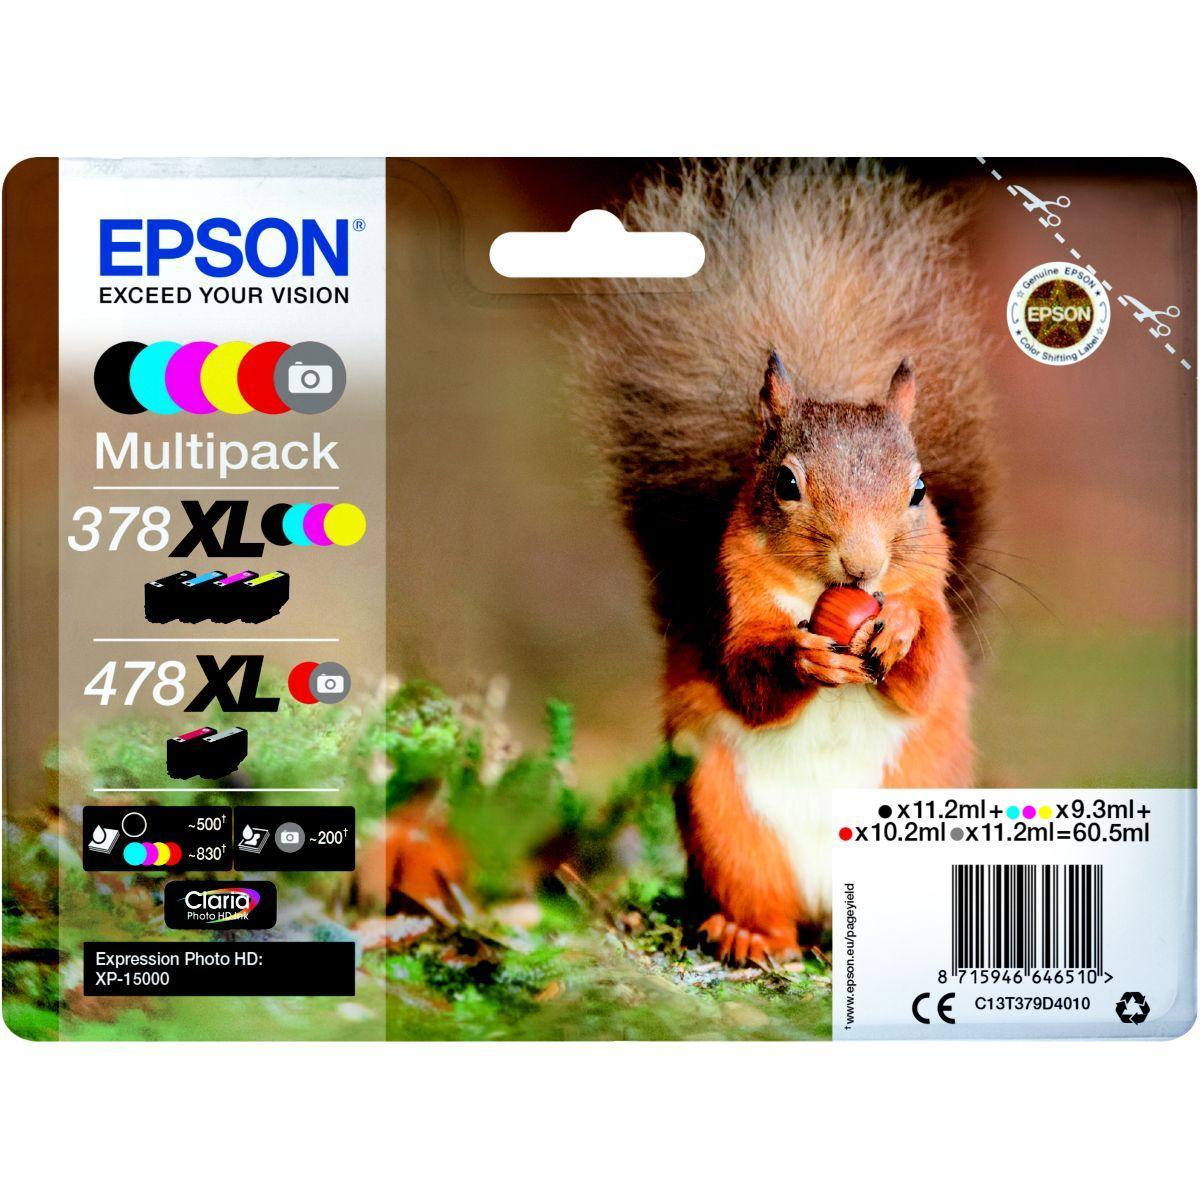 Cartouche d'encre epson 478 (n/c/m/j/r/g) xl s�rie ecureuil - livraison offerte : code livdom